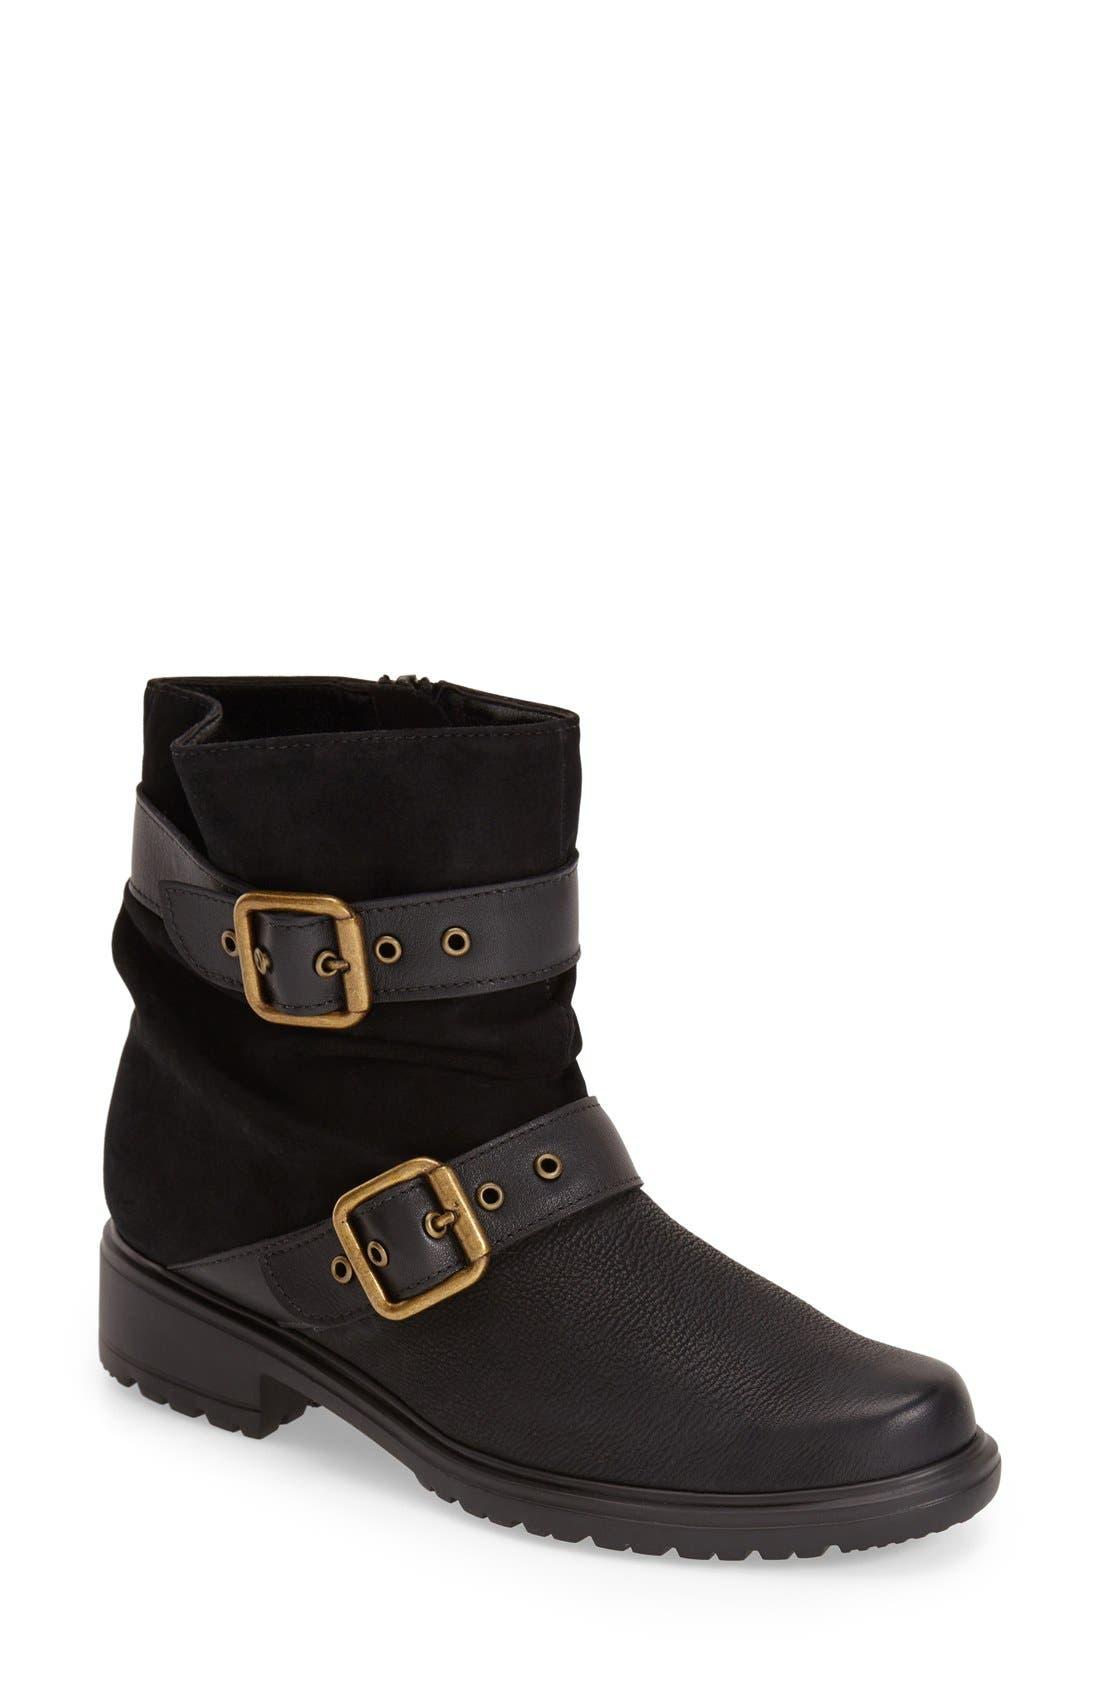 Munro Dallas Boot N - Black